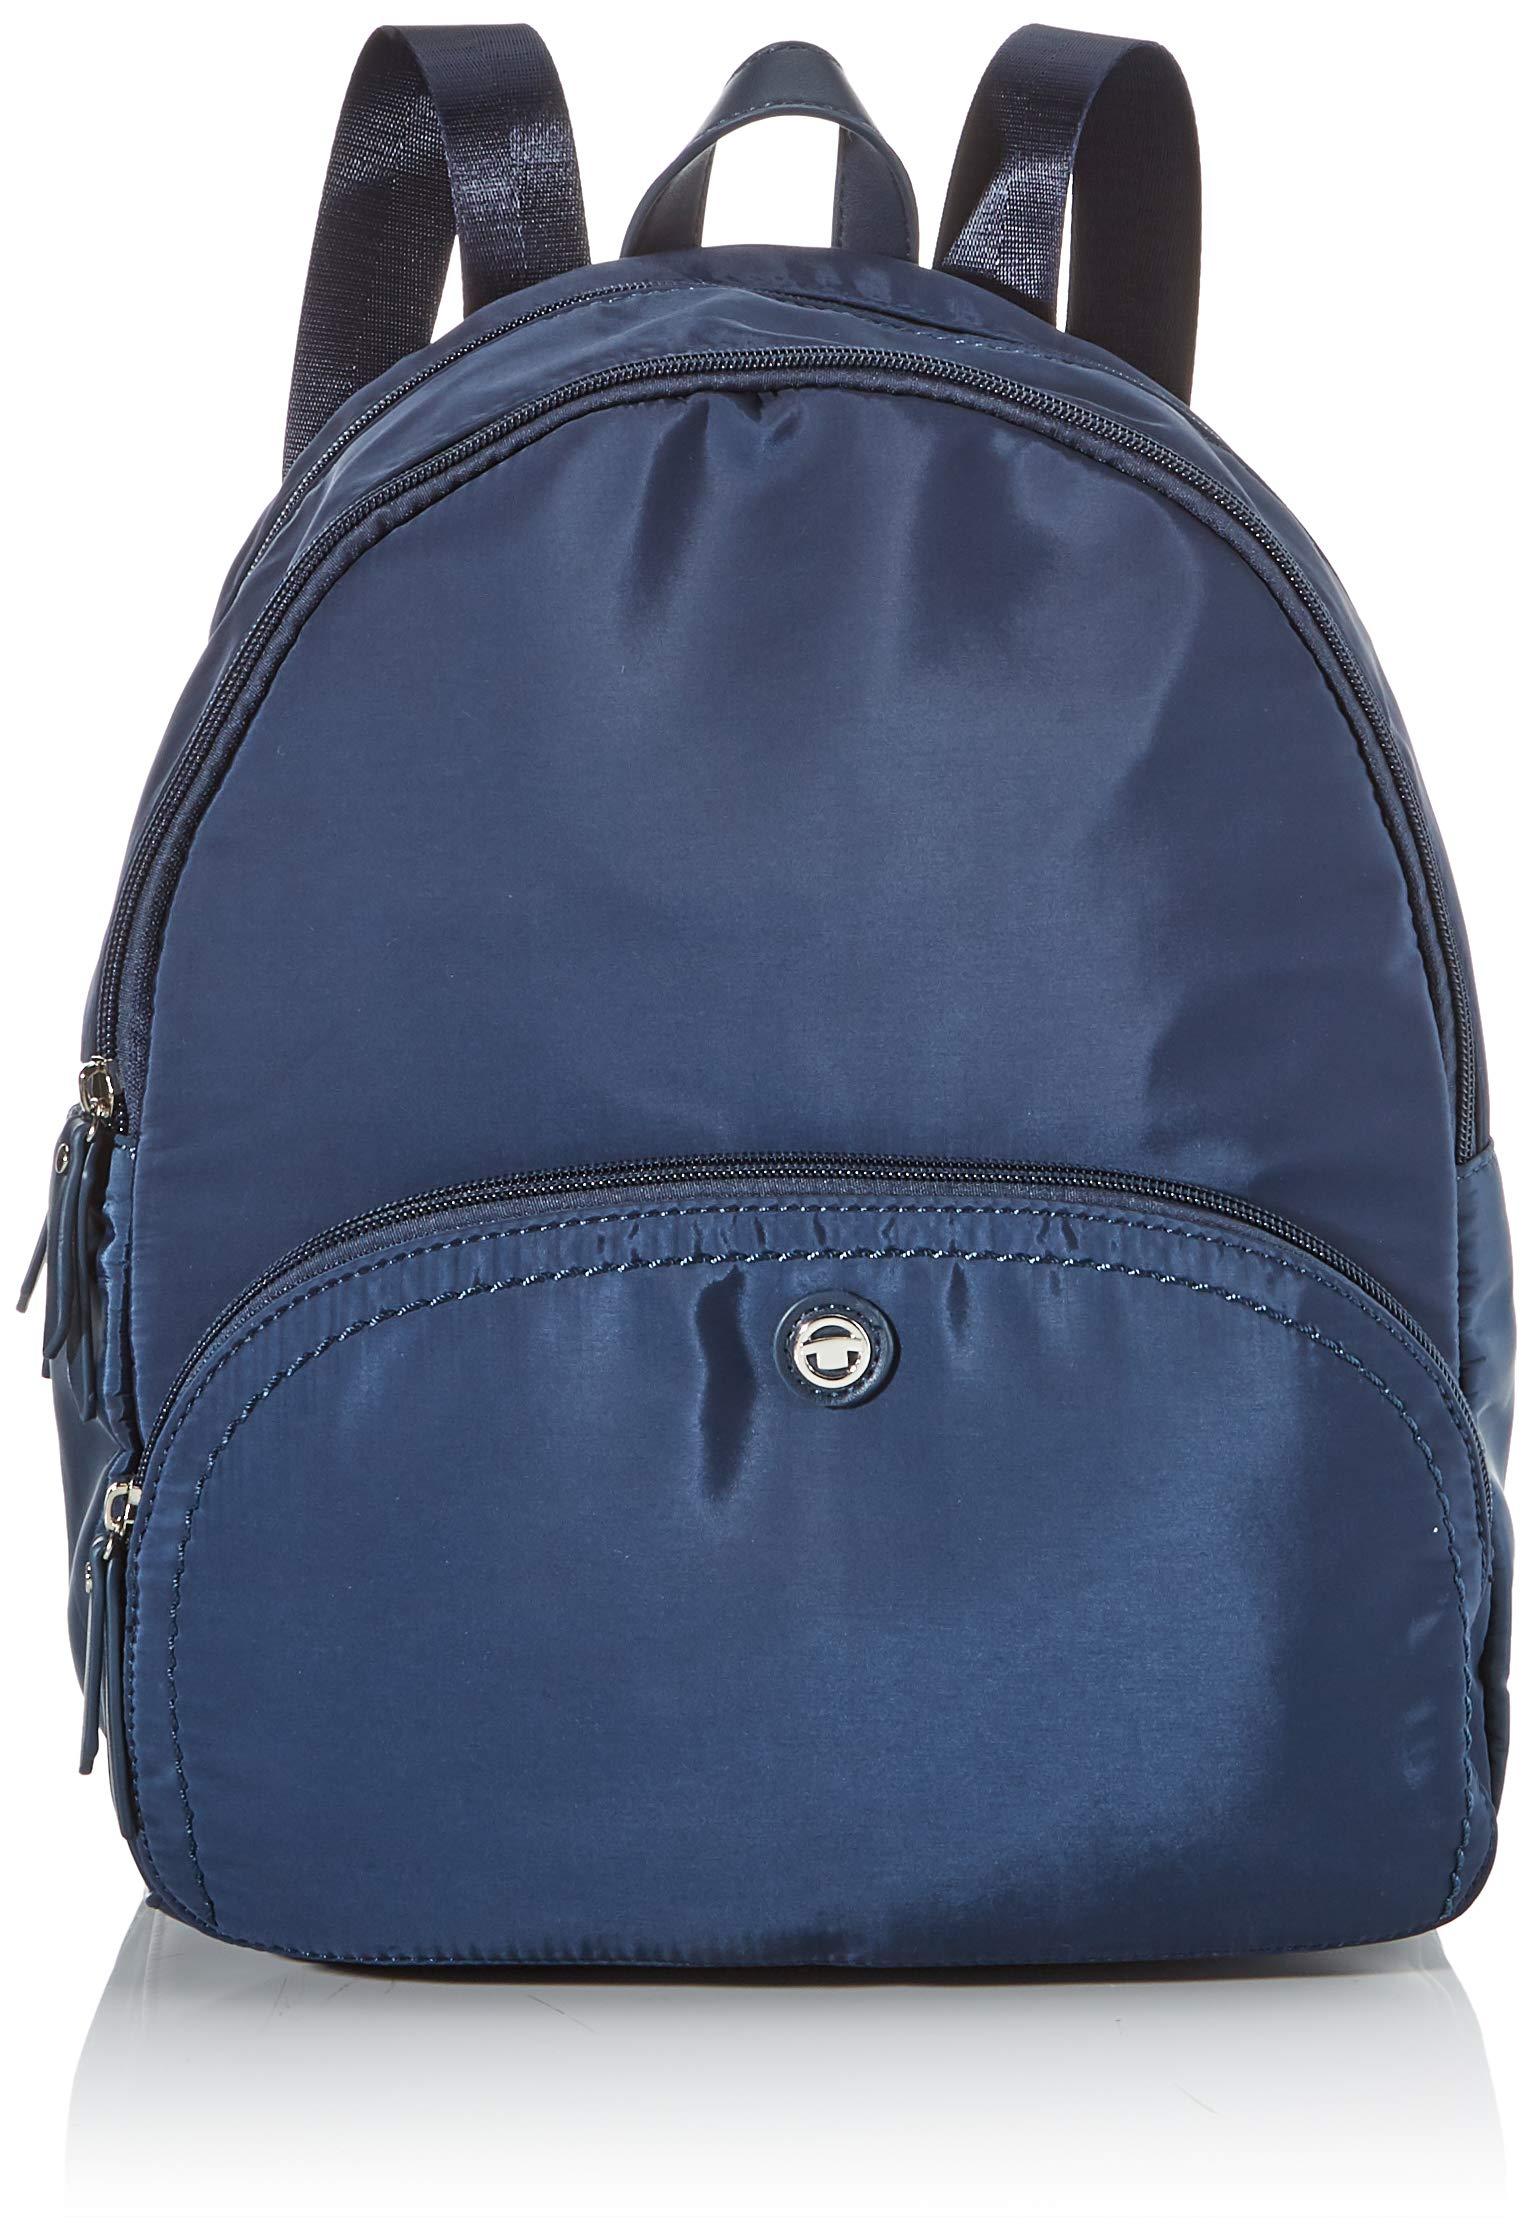 Gabor Handtaschen Taschen 27069 Blau JdPWW